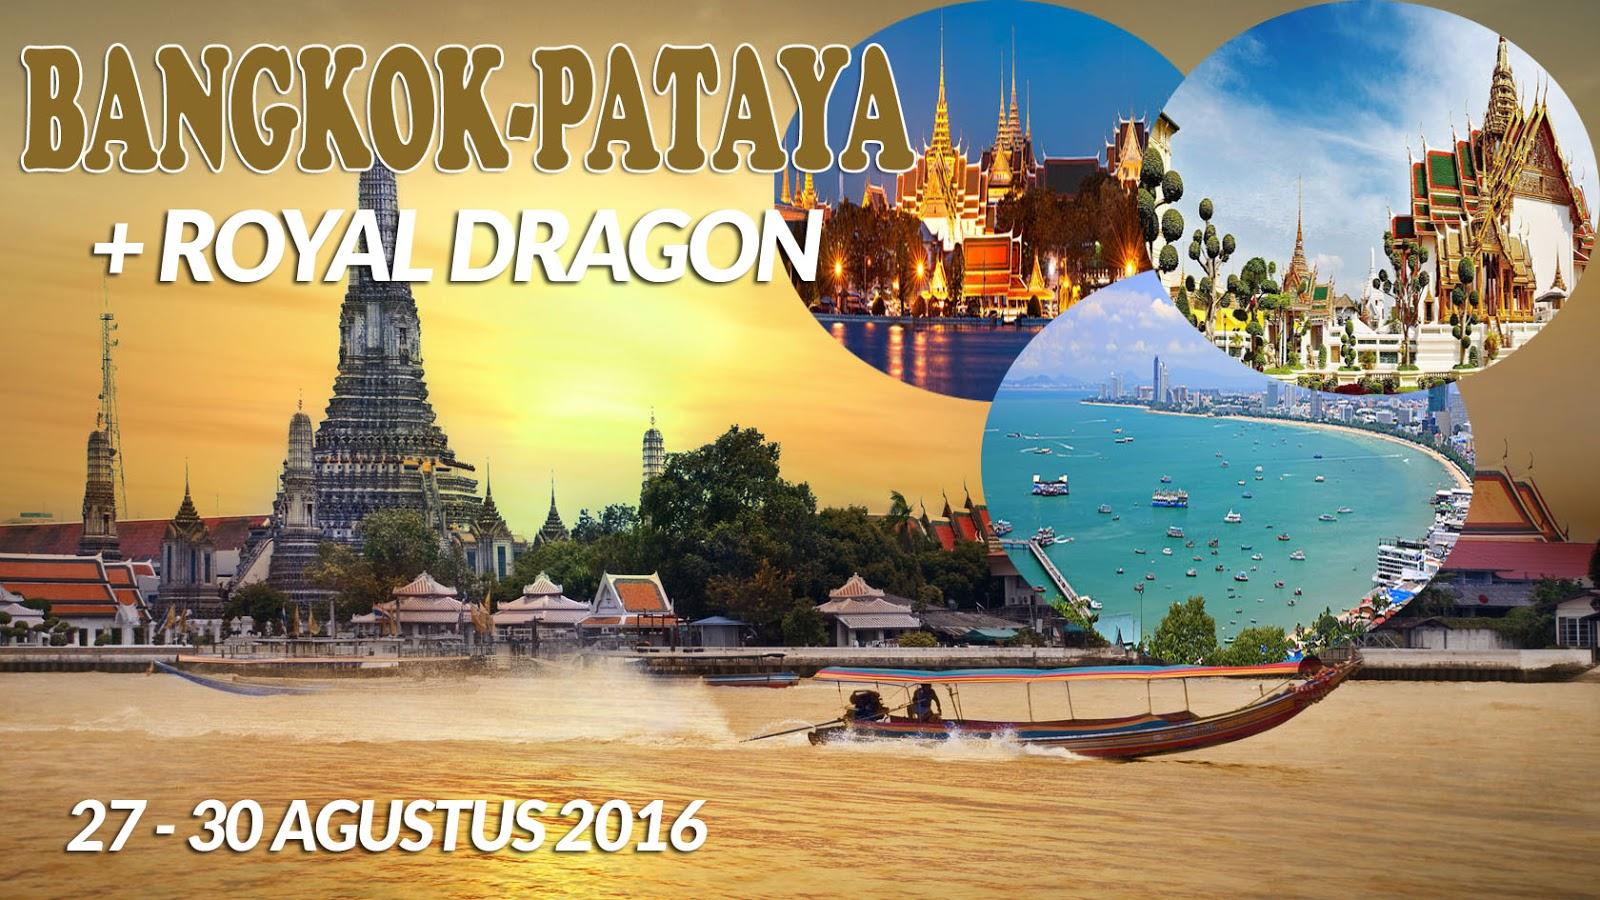 Paket Wisata Bangkok Pattaya + Royal Dragon 2016